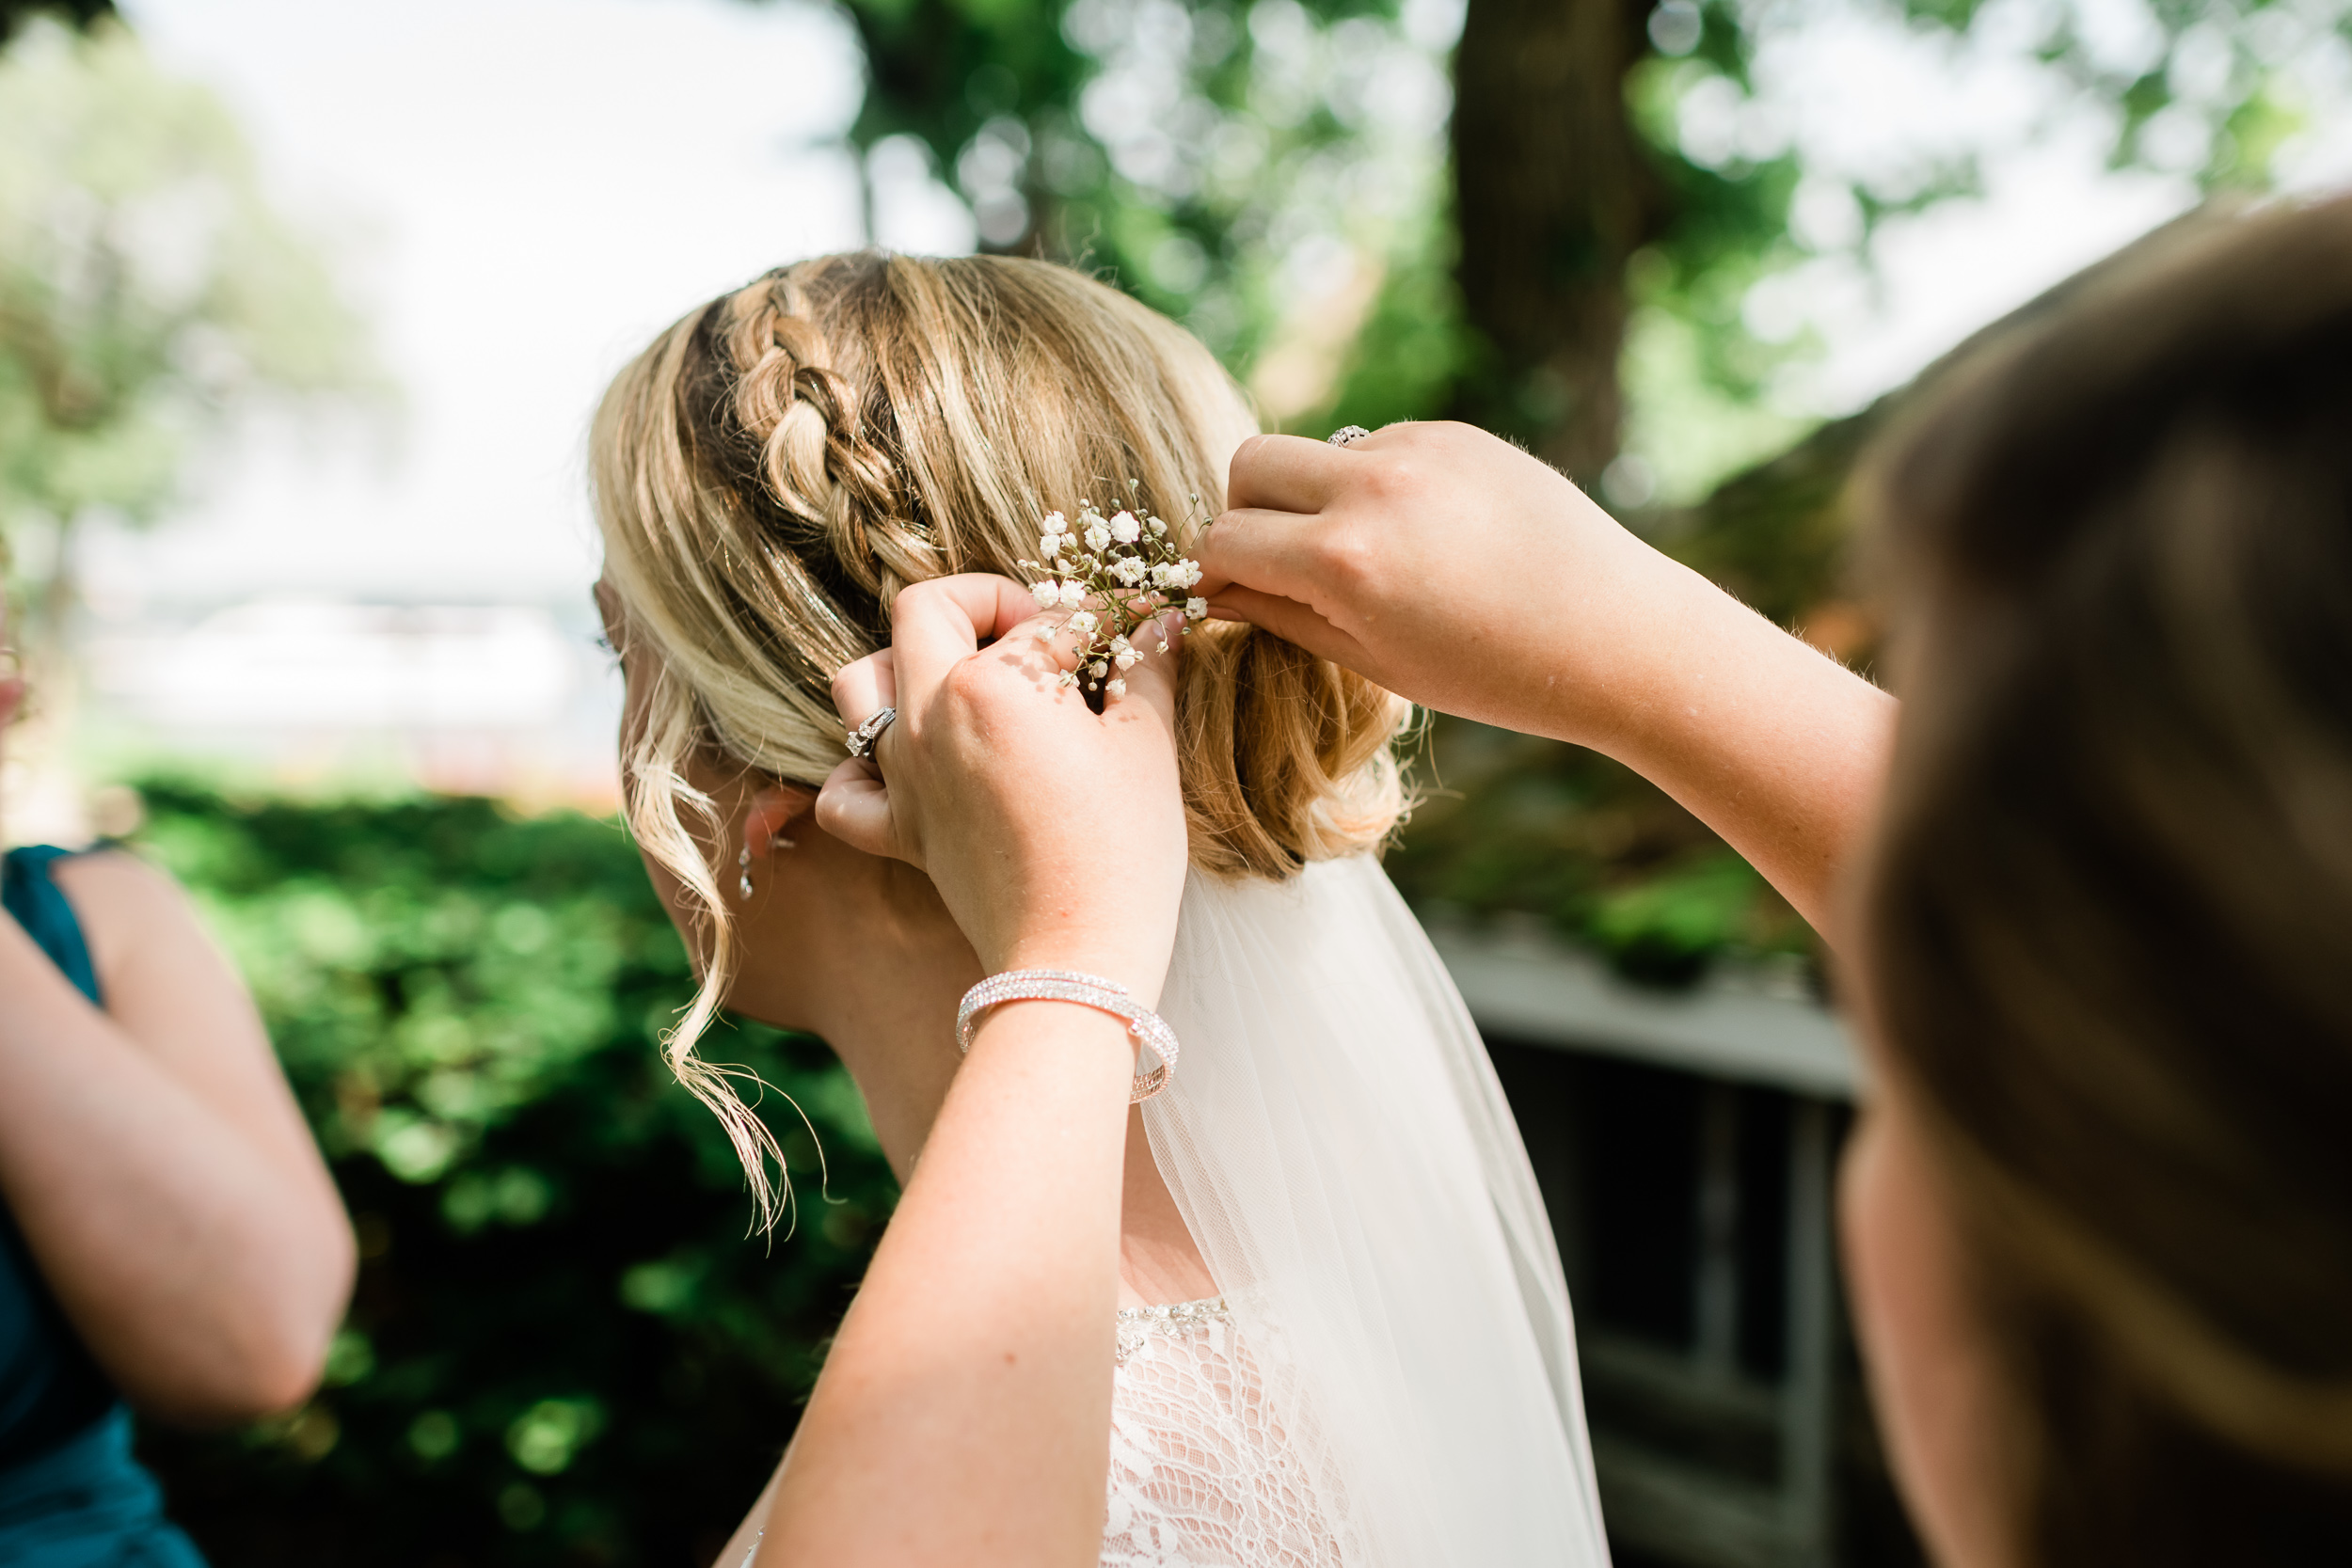 Bridesmaid puts baby's breath in bride's hair